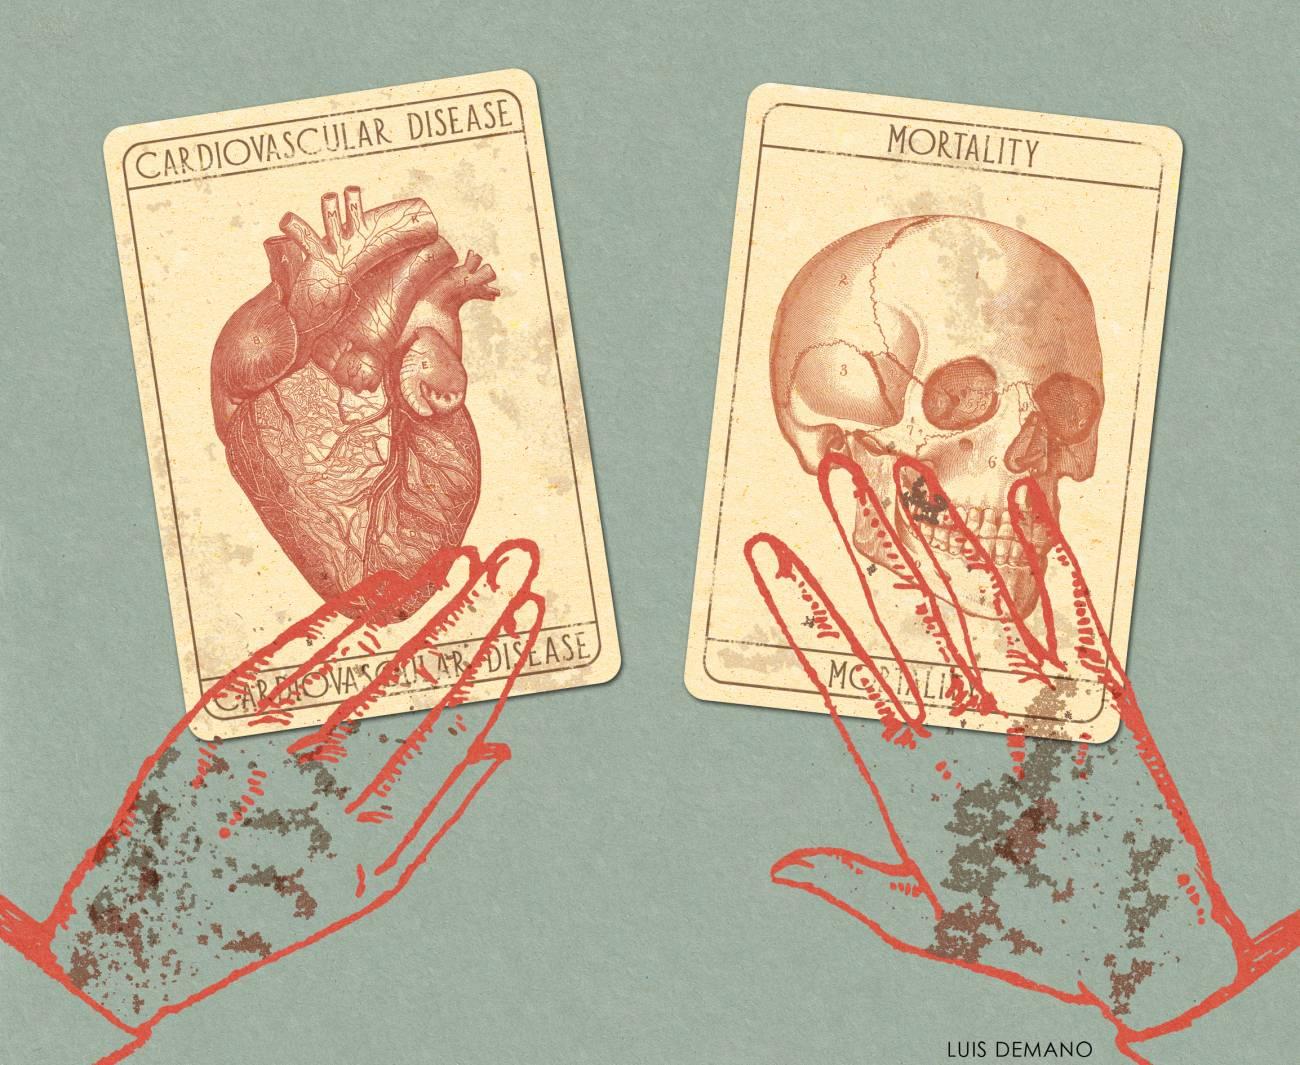 Vinculan la soriasis con las enfermedades cardiovasculares